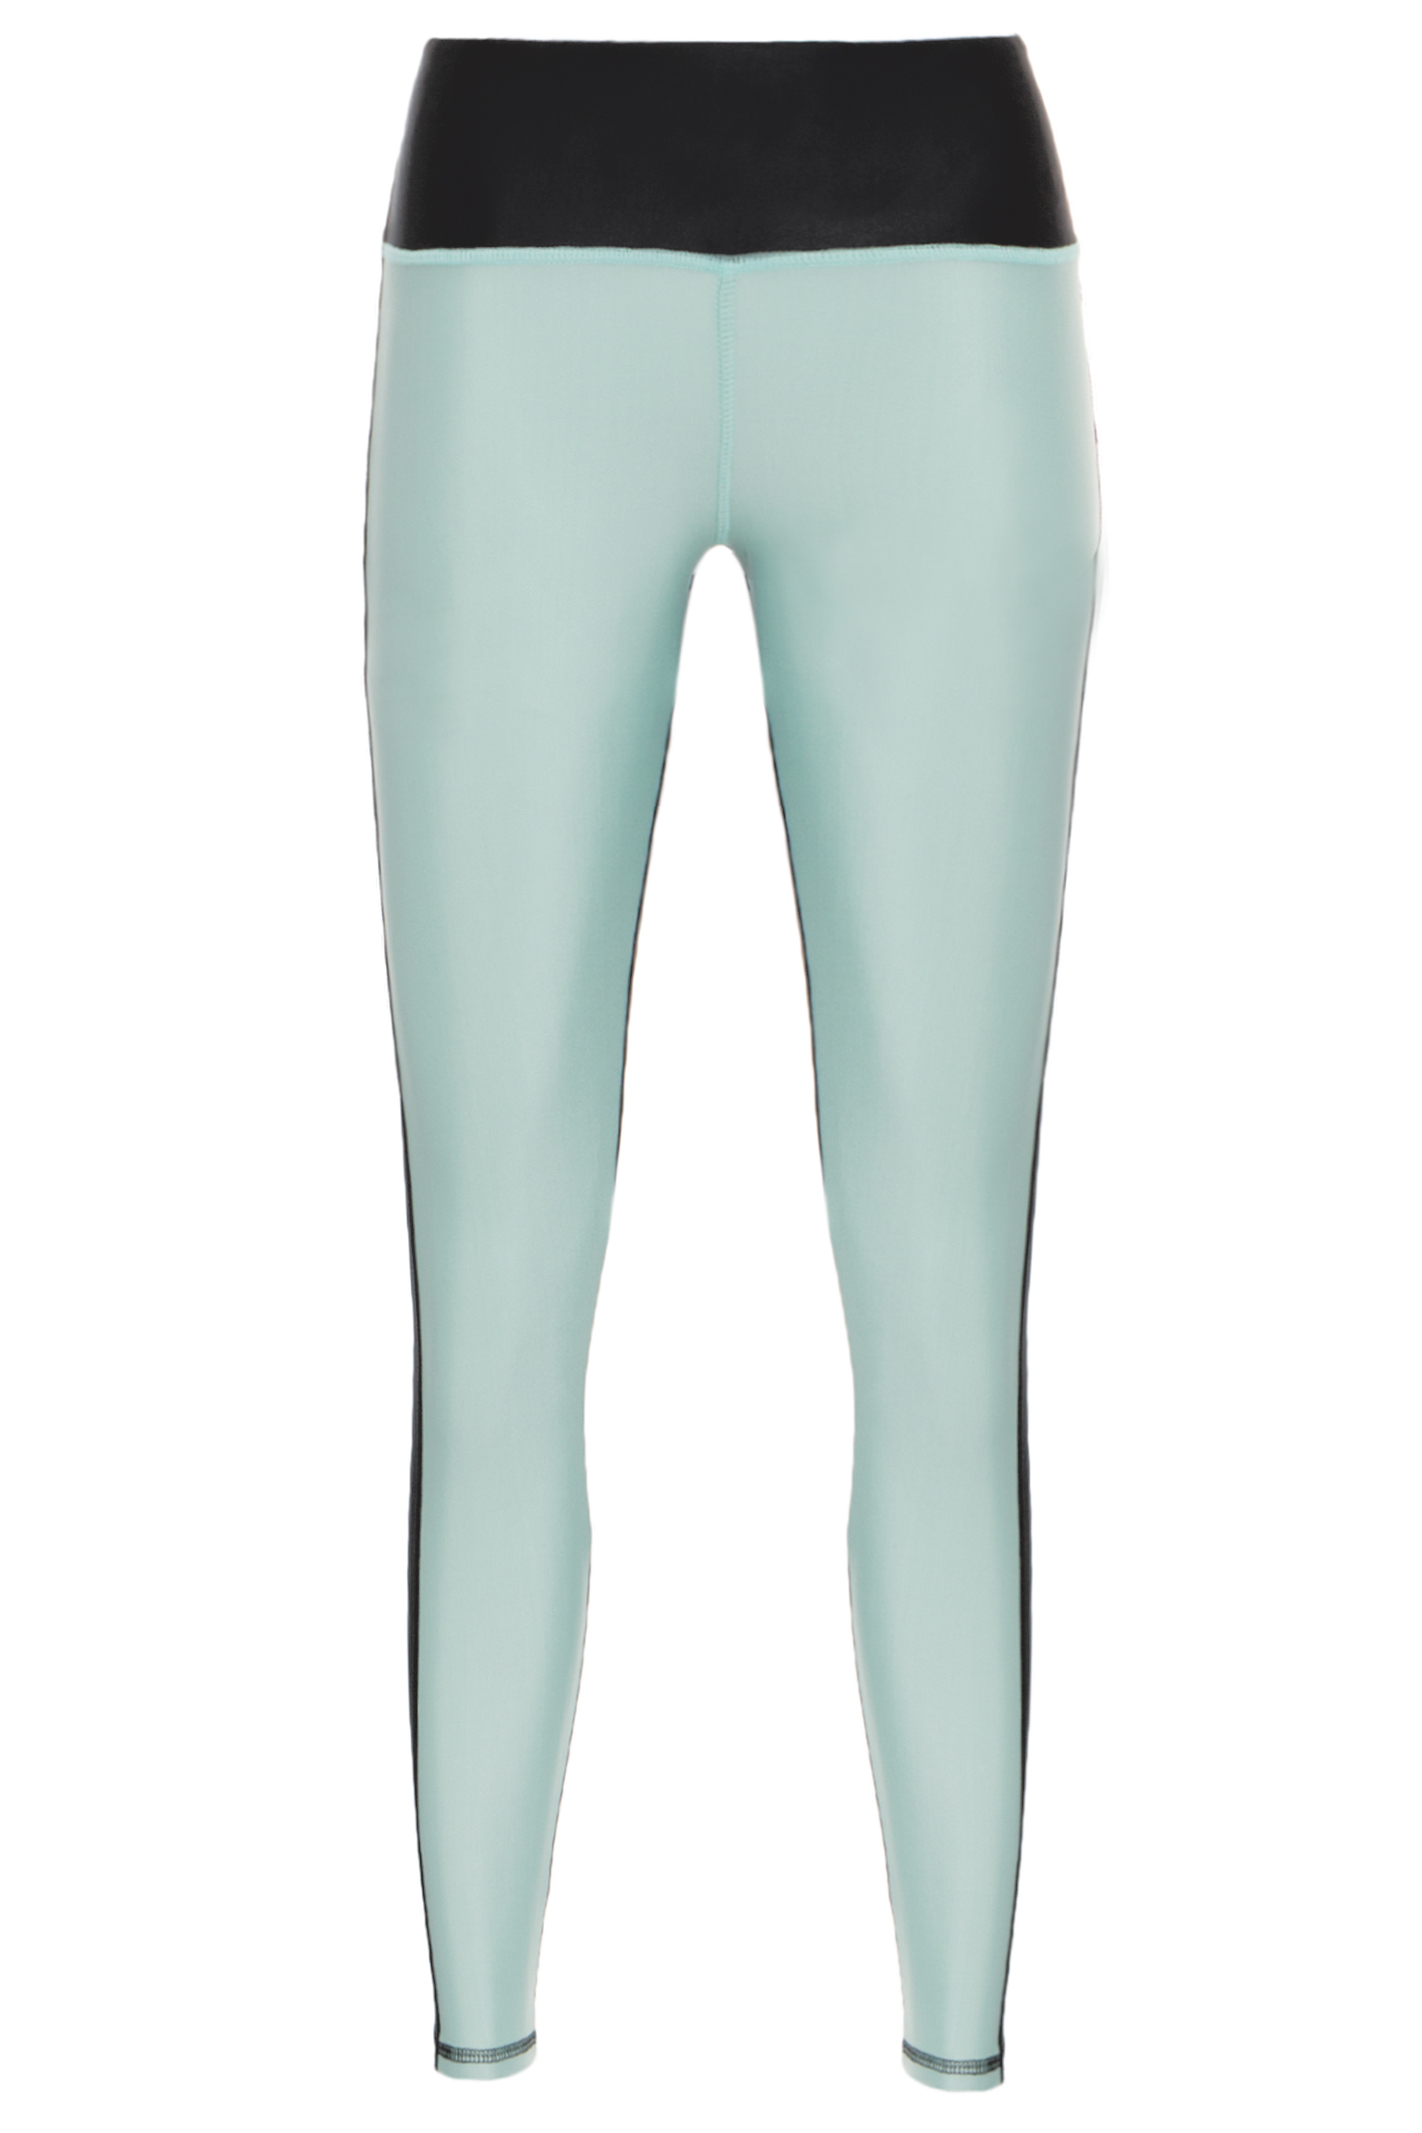 Calça Legging Elegance - Preto